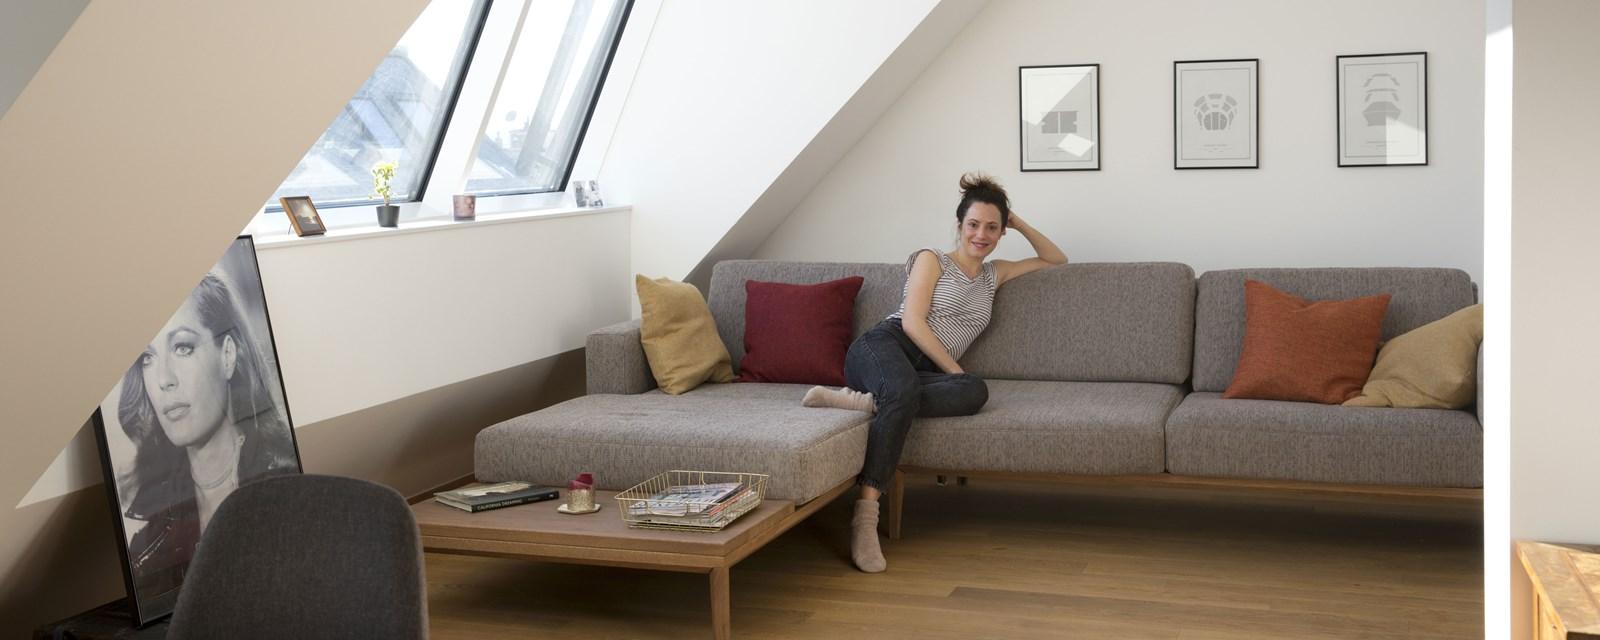 """Schauspielerin Iréna Flury: """"Möchte zu Hause nichts darstellen müssen"""""""